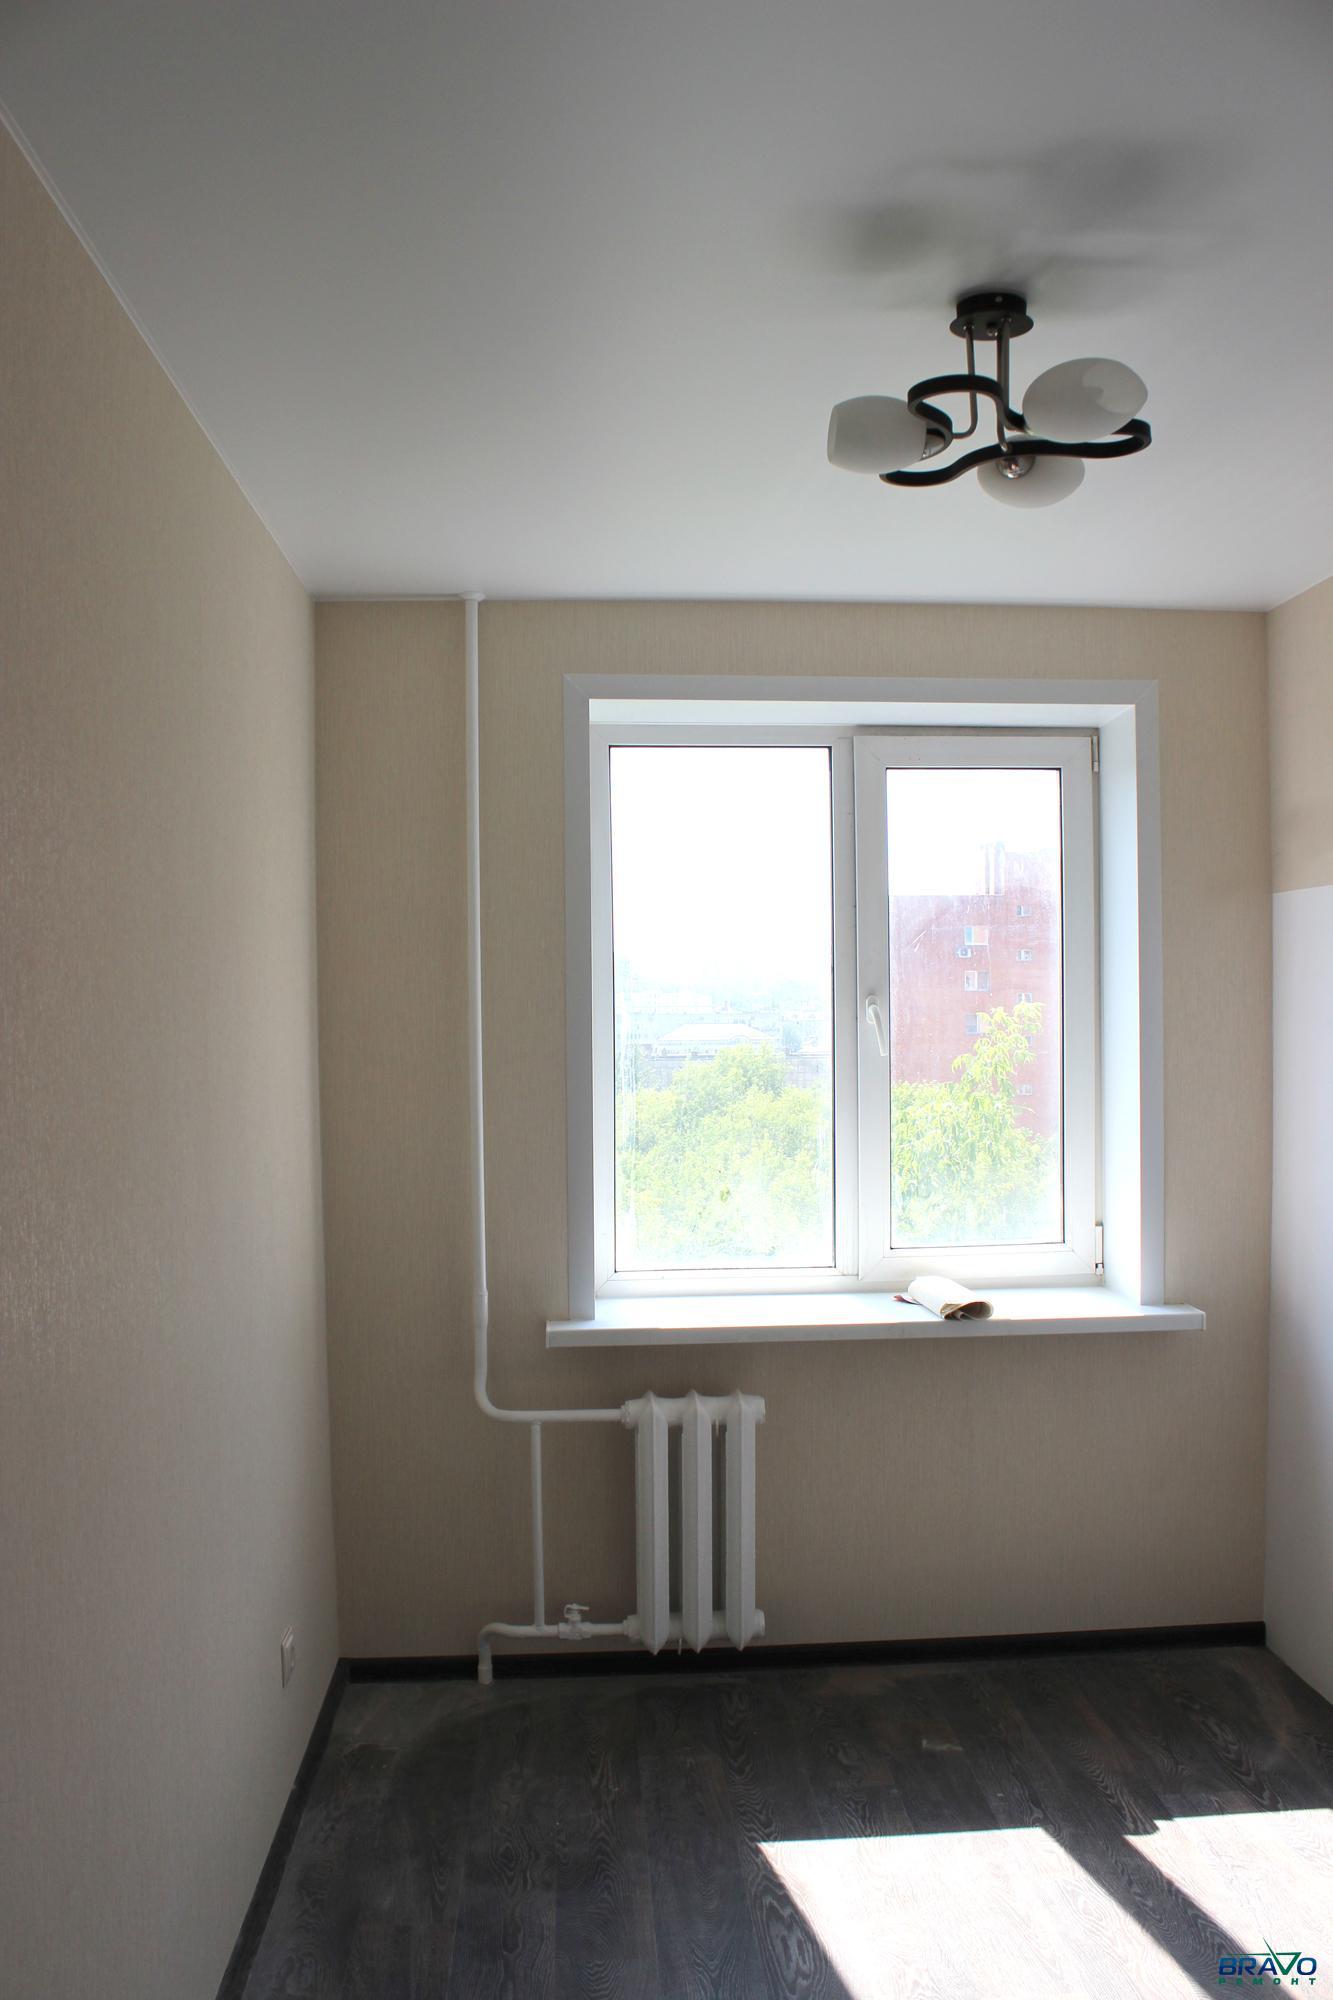 Цены на отделку квартир под ключ в новостройке: сделать